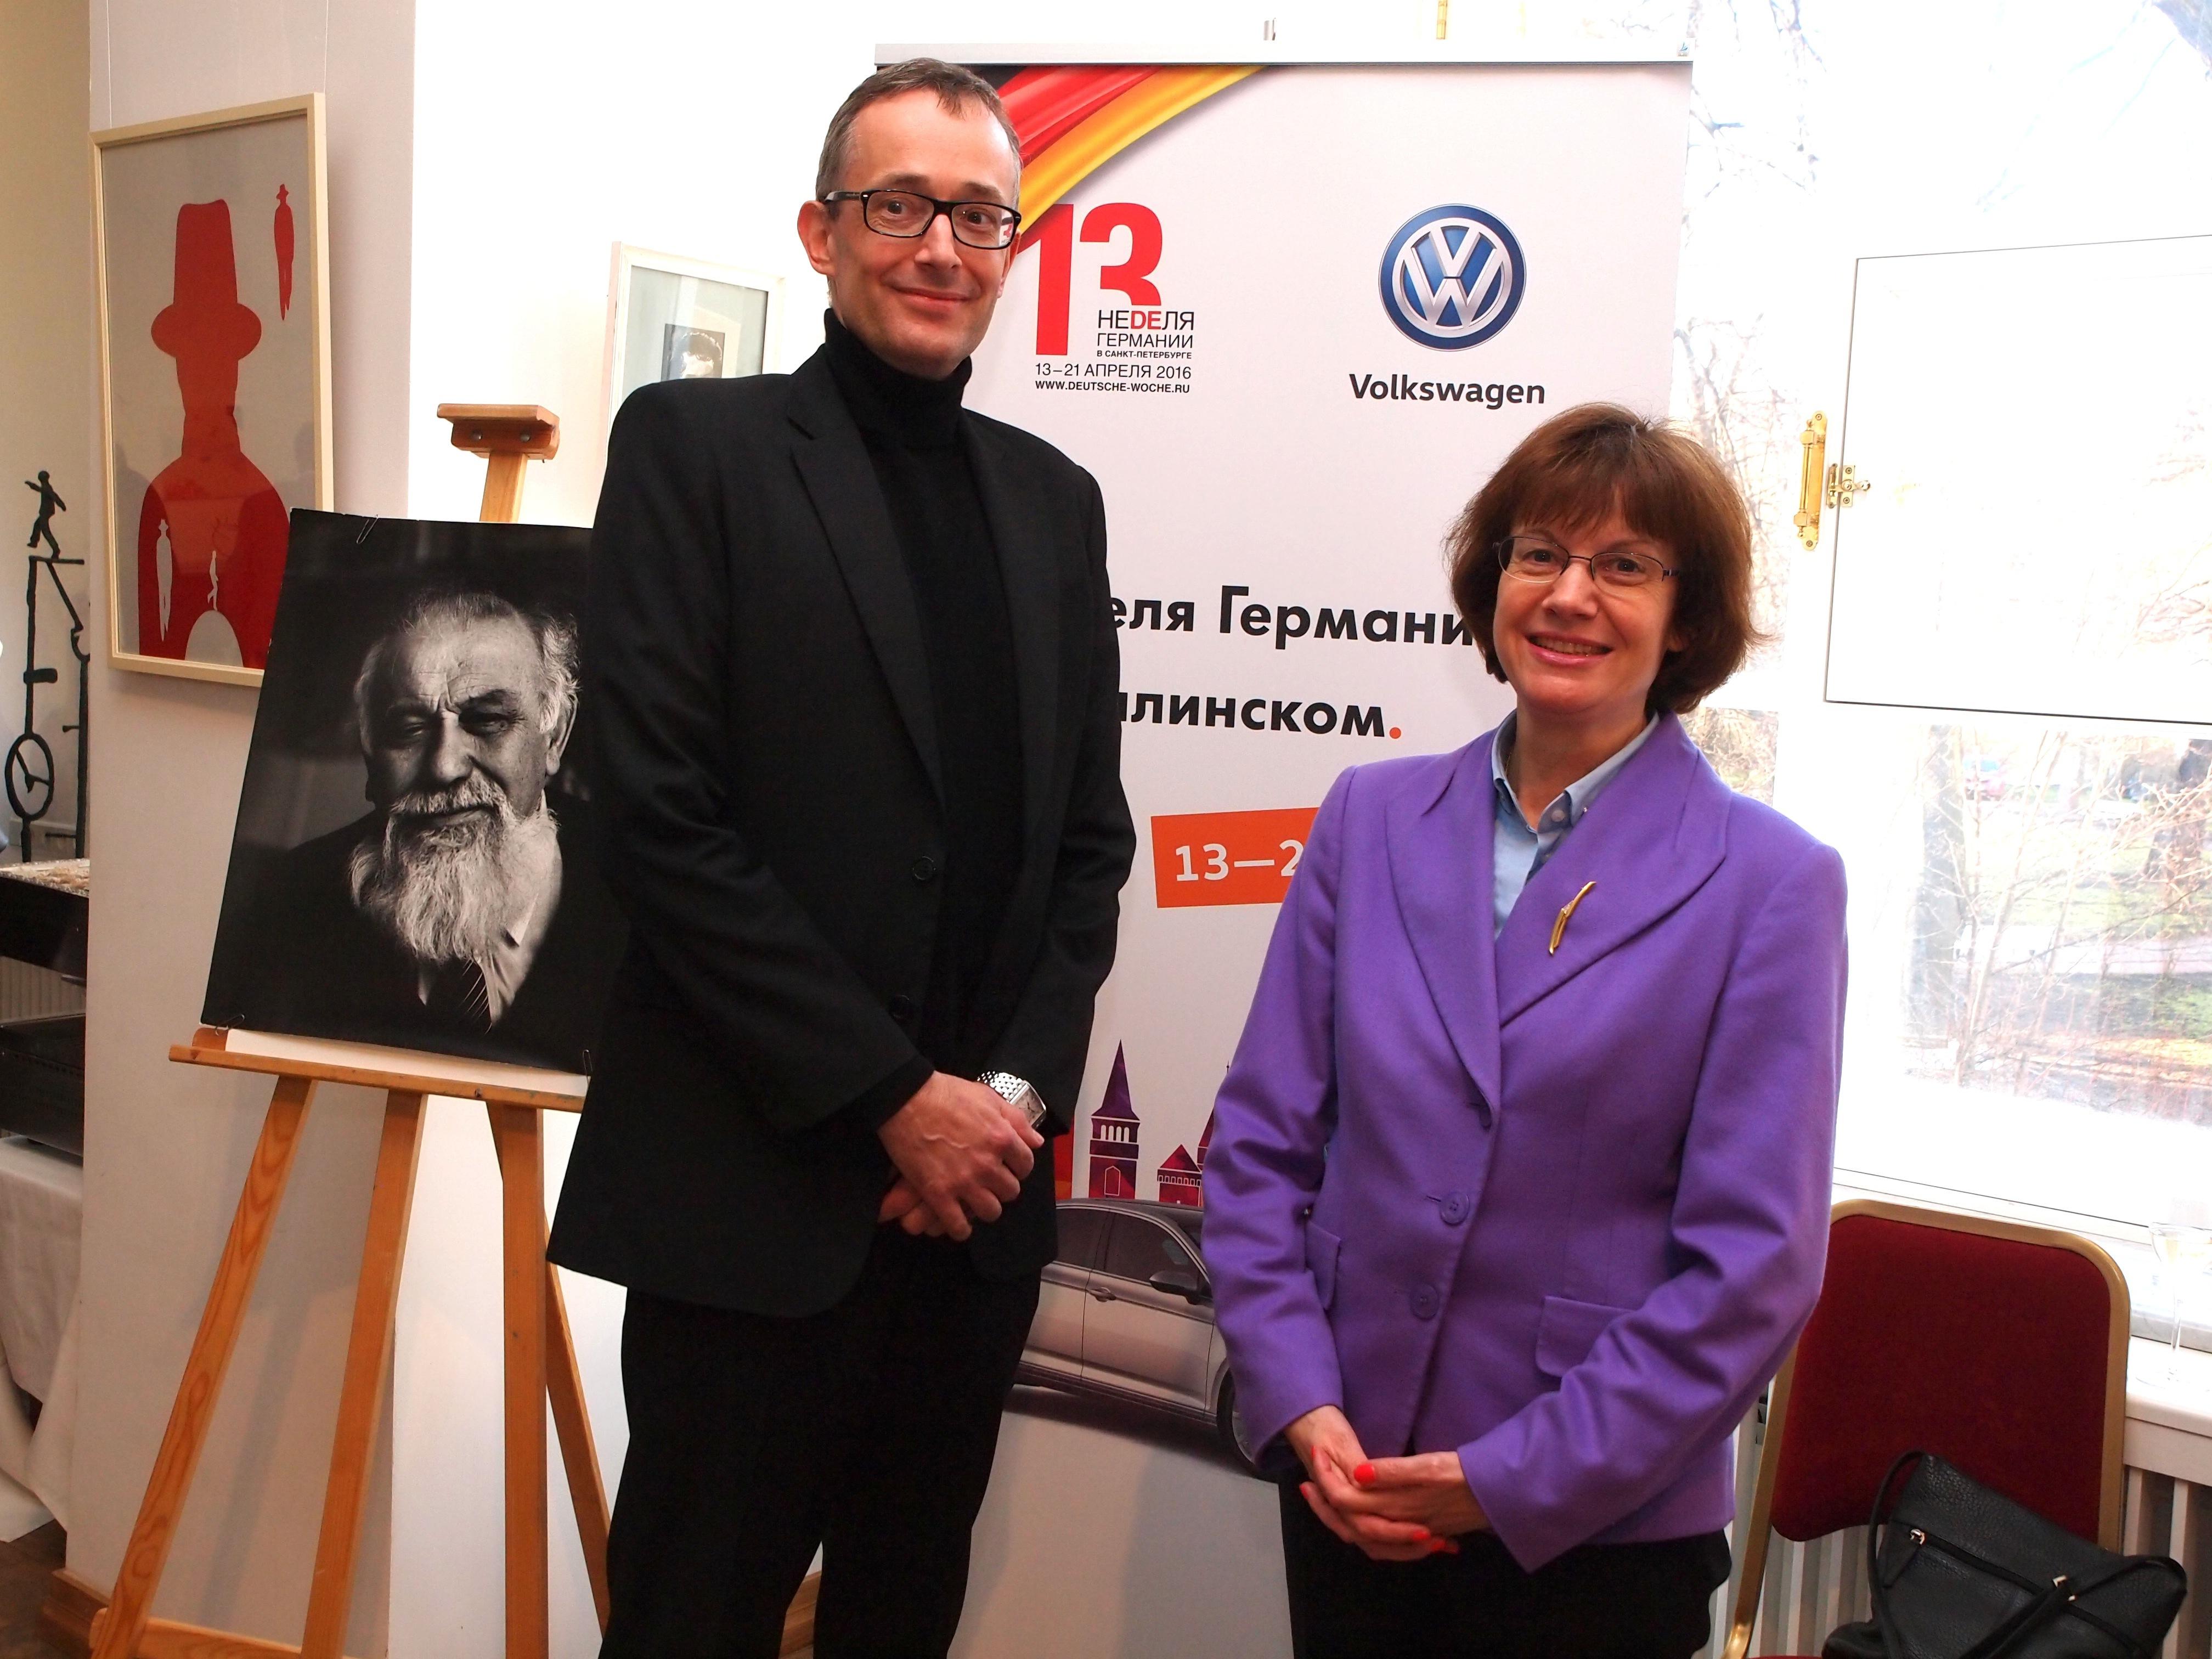 Неделя Германии в Петербурге - вместе с Volkswagen